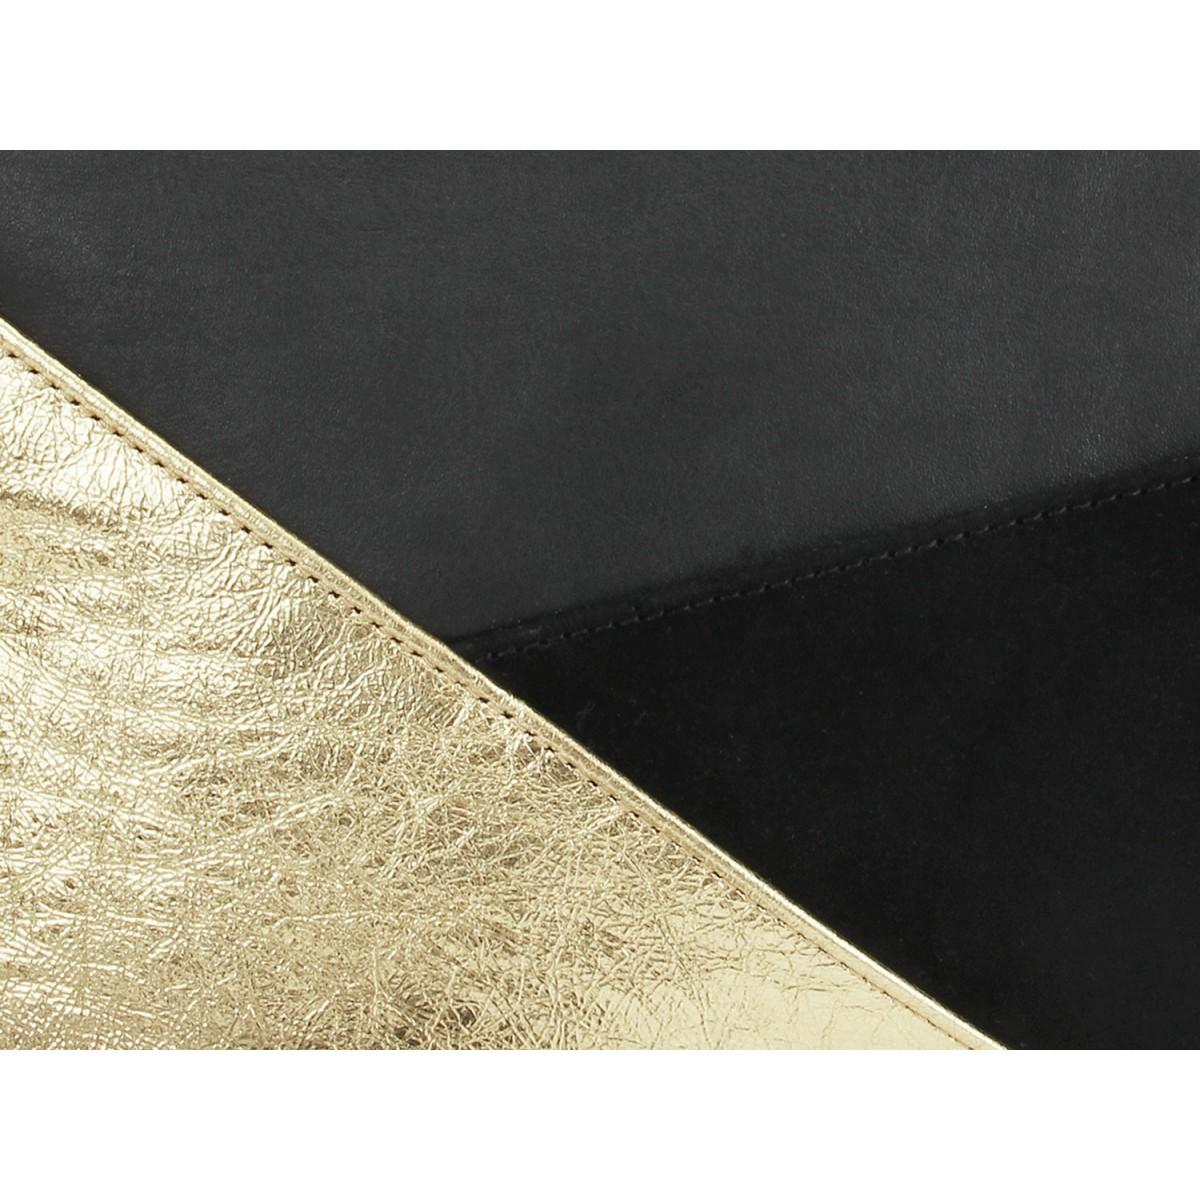 lille mus Geo-Umhängetasche GESINA - Schwarz/Gold aus Leder mit Umhängeriemen